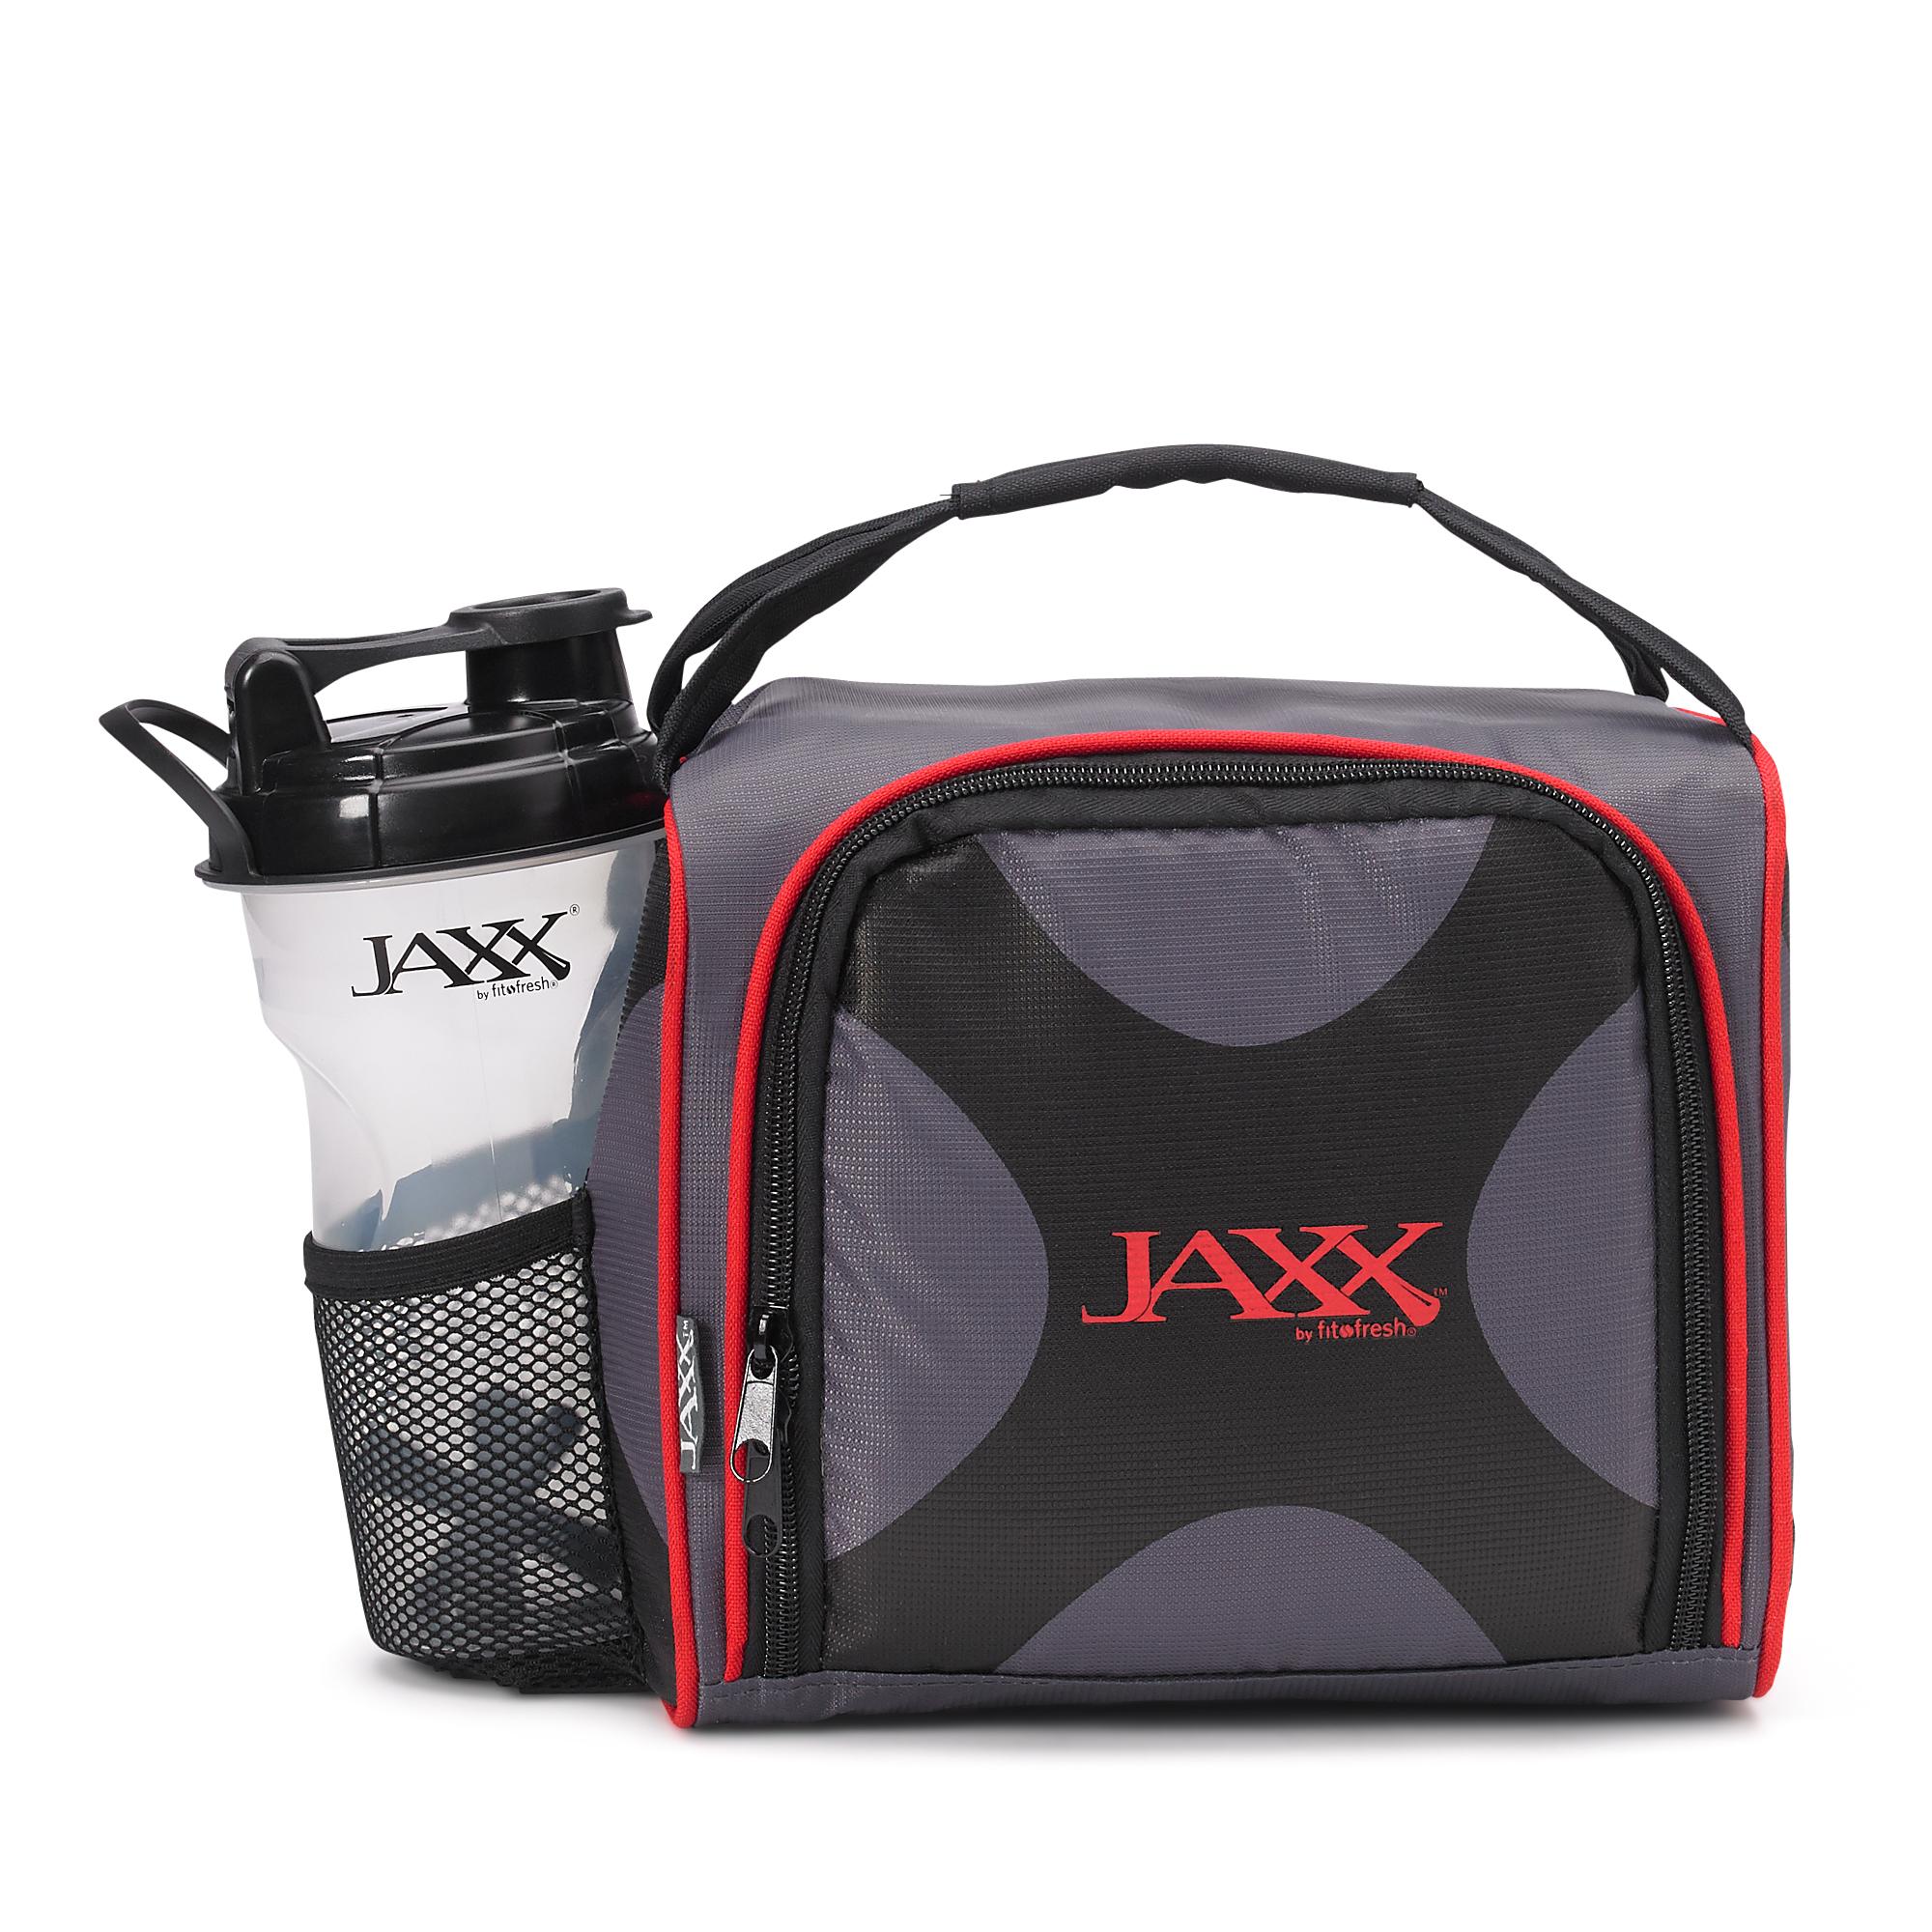 225f2800a4ec Jaxx FitPak Meal Prep Bag w  Portion Control Container Set - Red